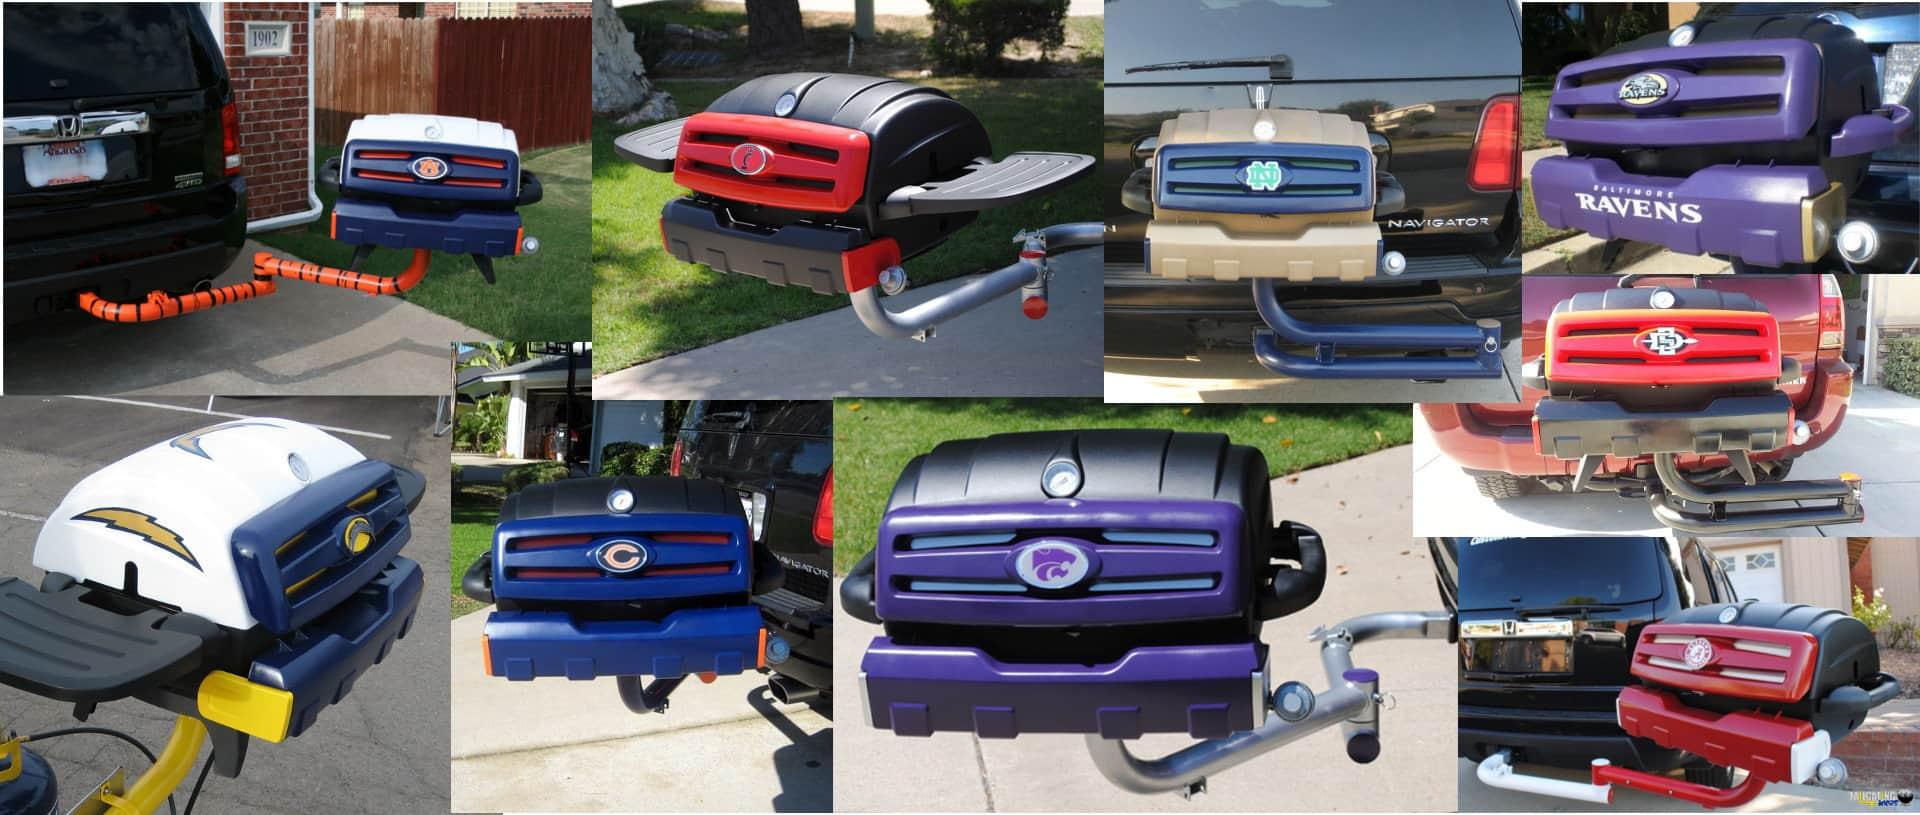 Custom tailgating grills